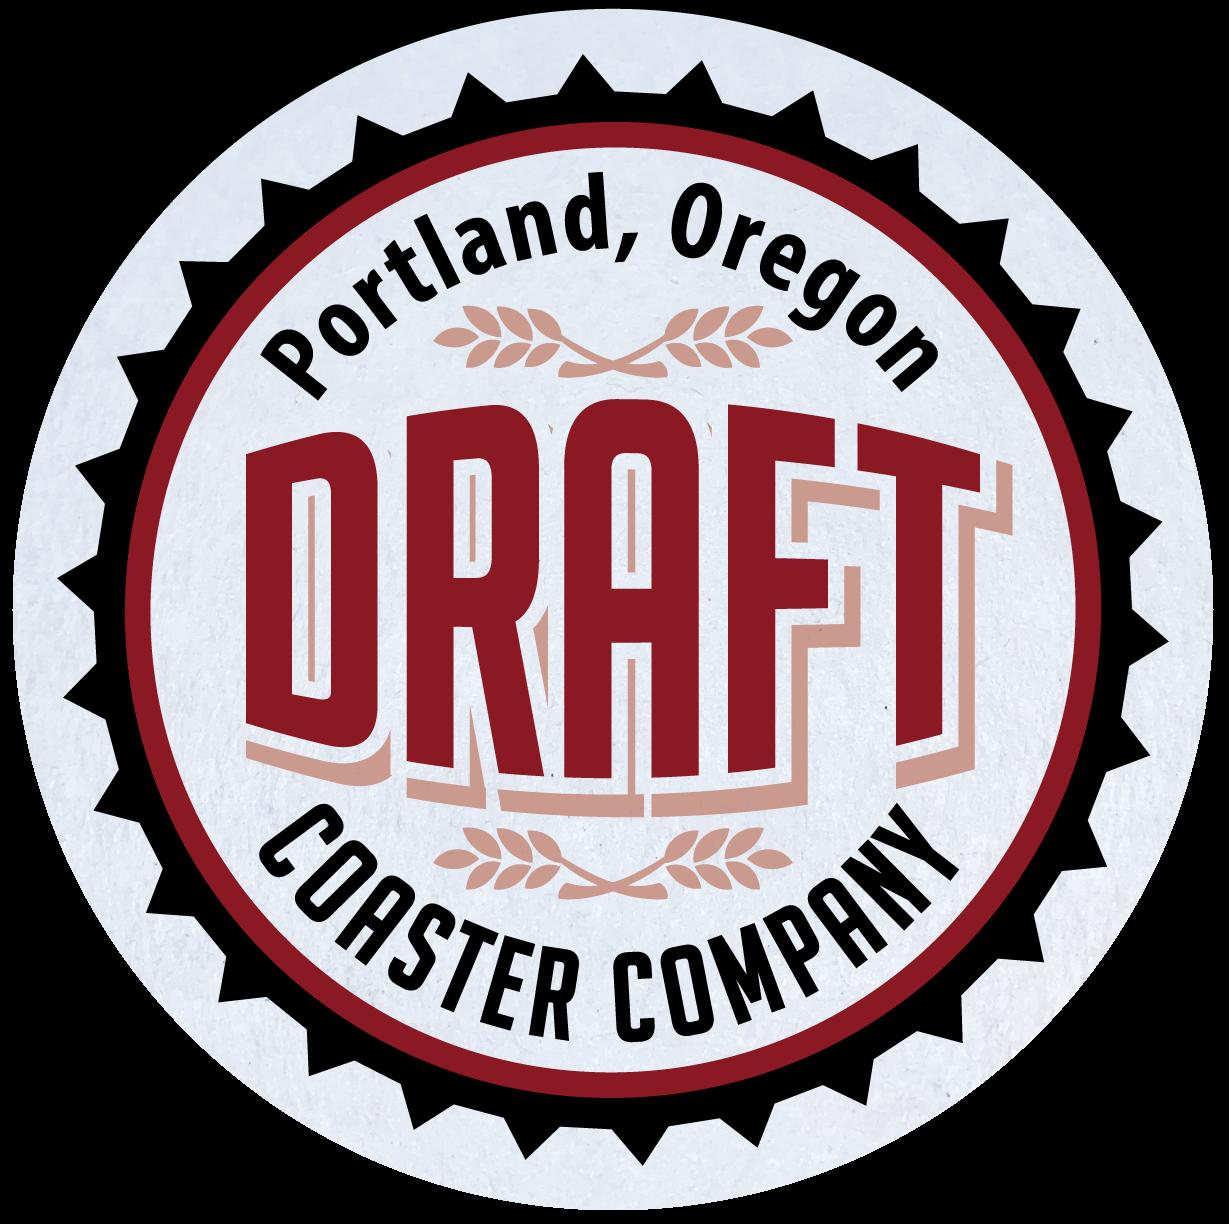 Draft Coaster Company